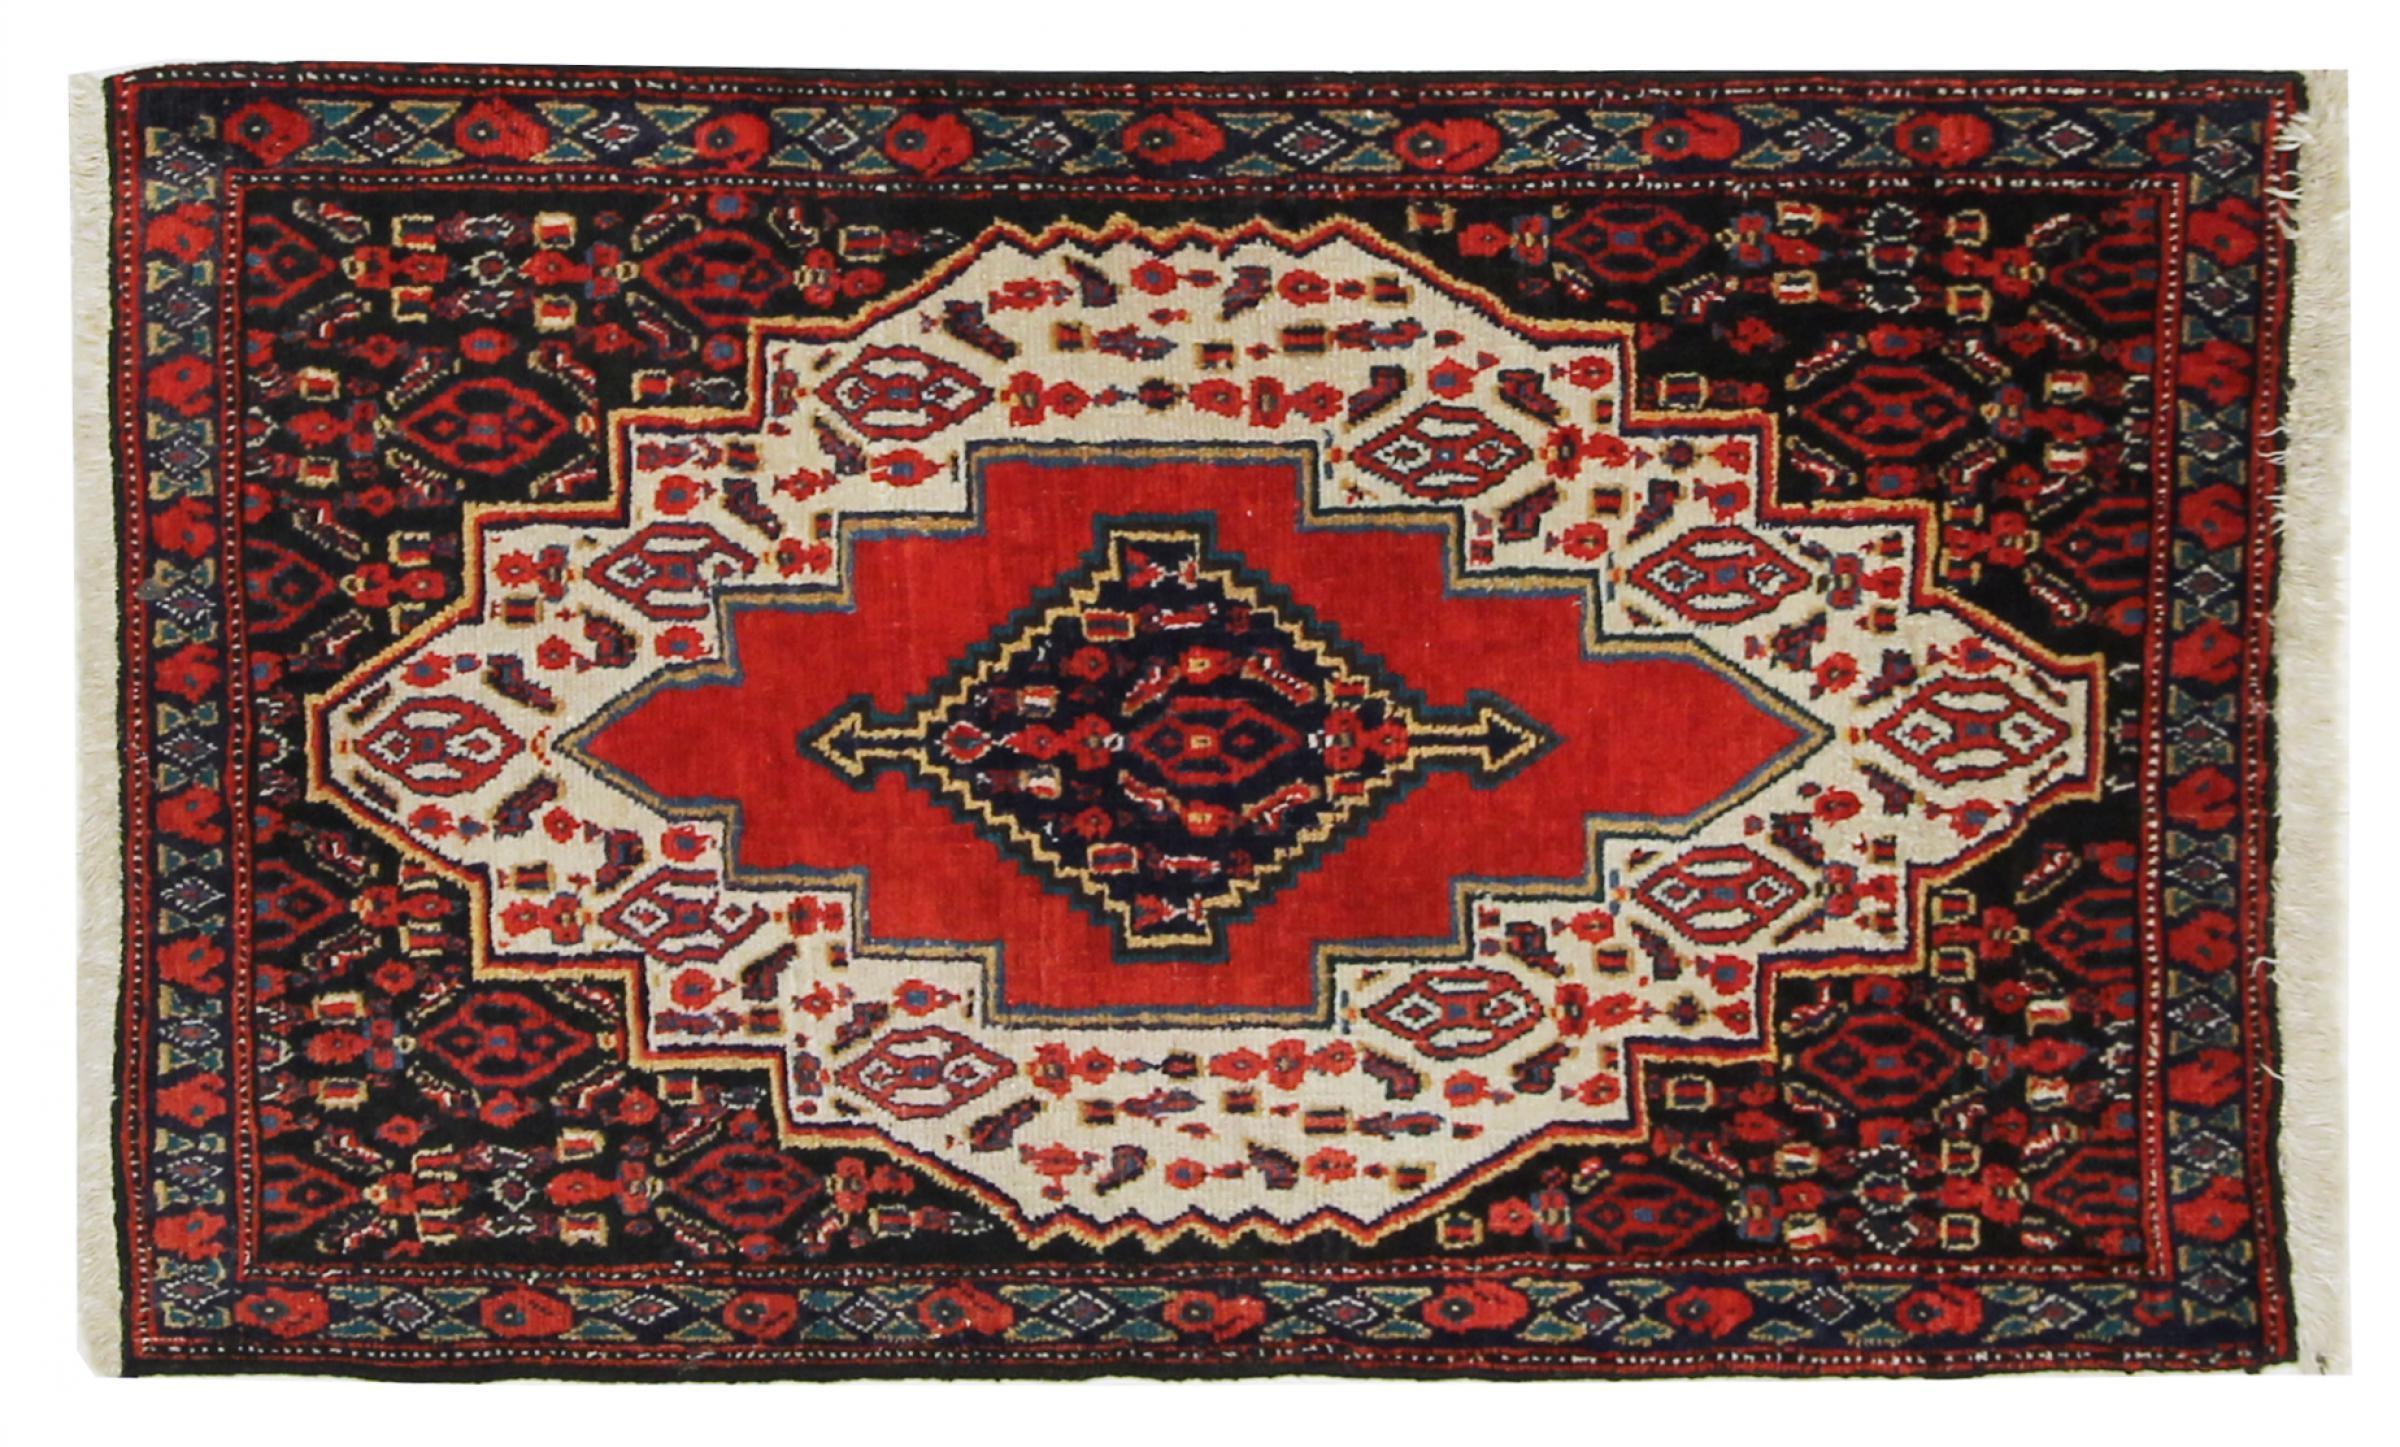 Senneh alfombra 112x67 id35511 compre su alfombra - Alfombras patchwork vintage ...